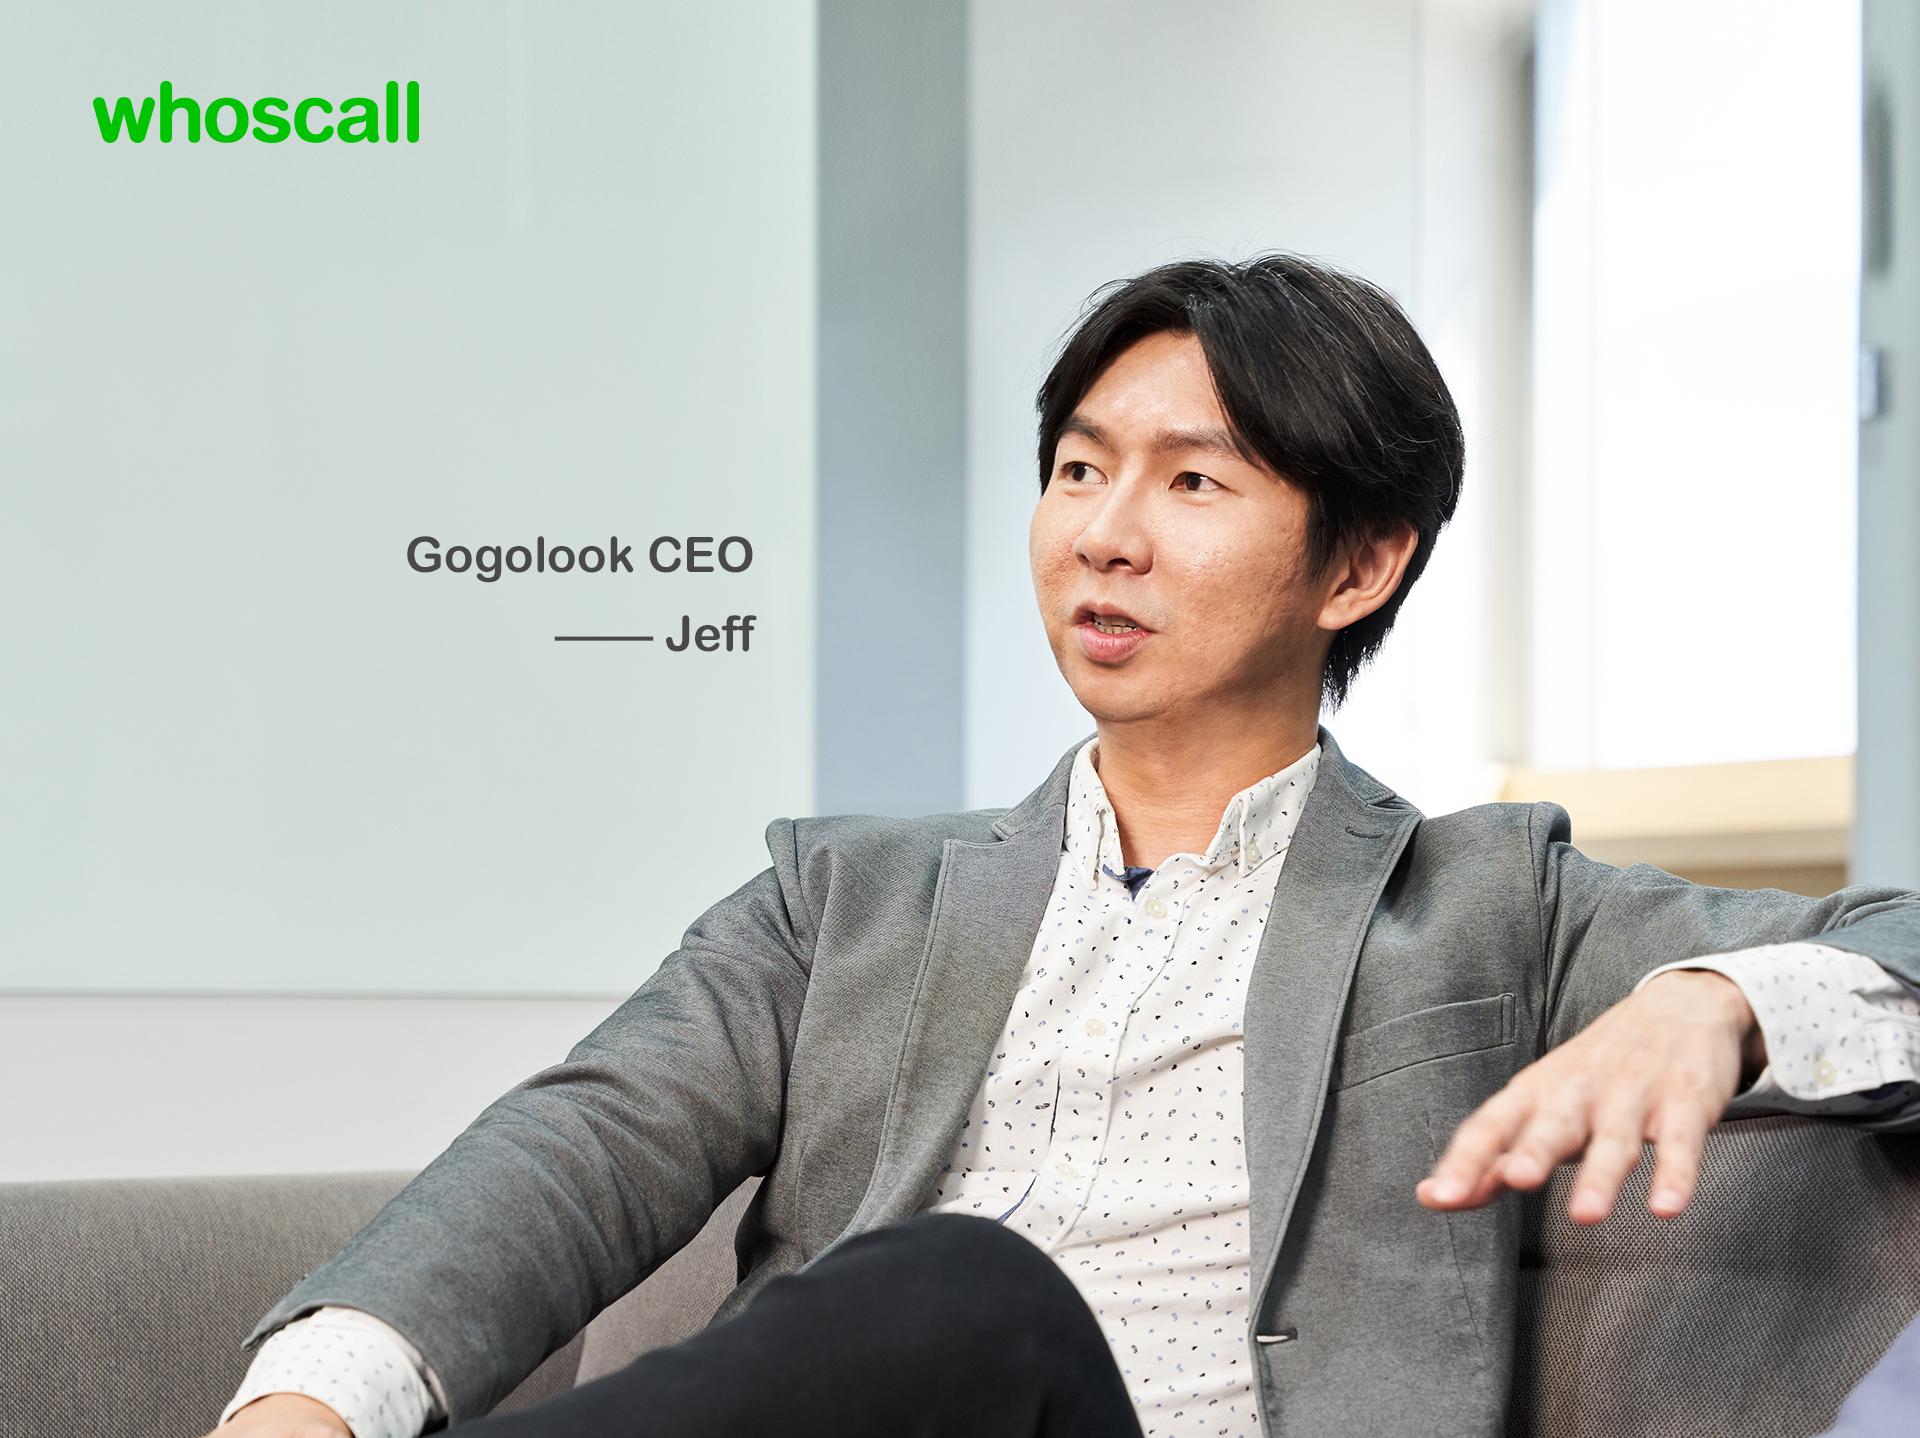 【獨家訪談】獲得總統創新獎殊榮,一窺 CEO Jeff 對創新的看法。